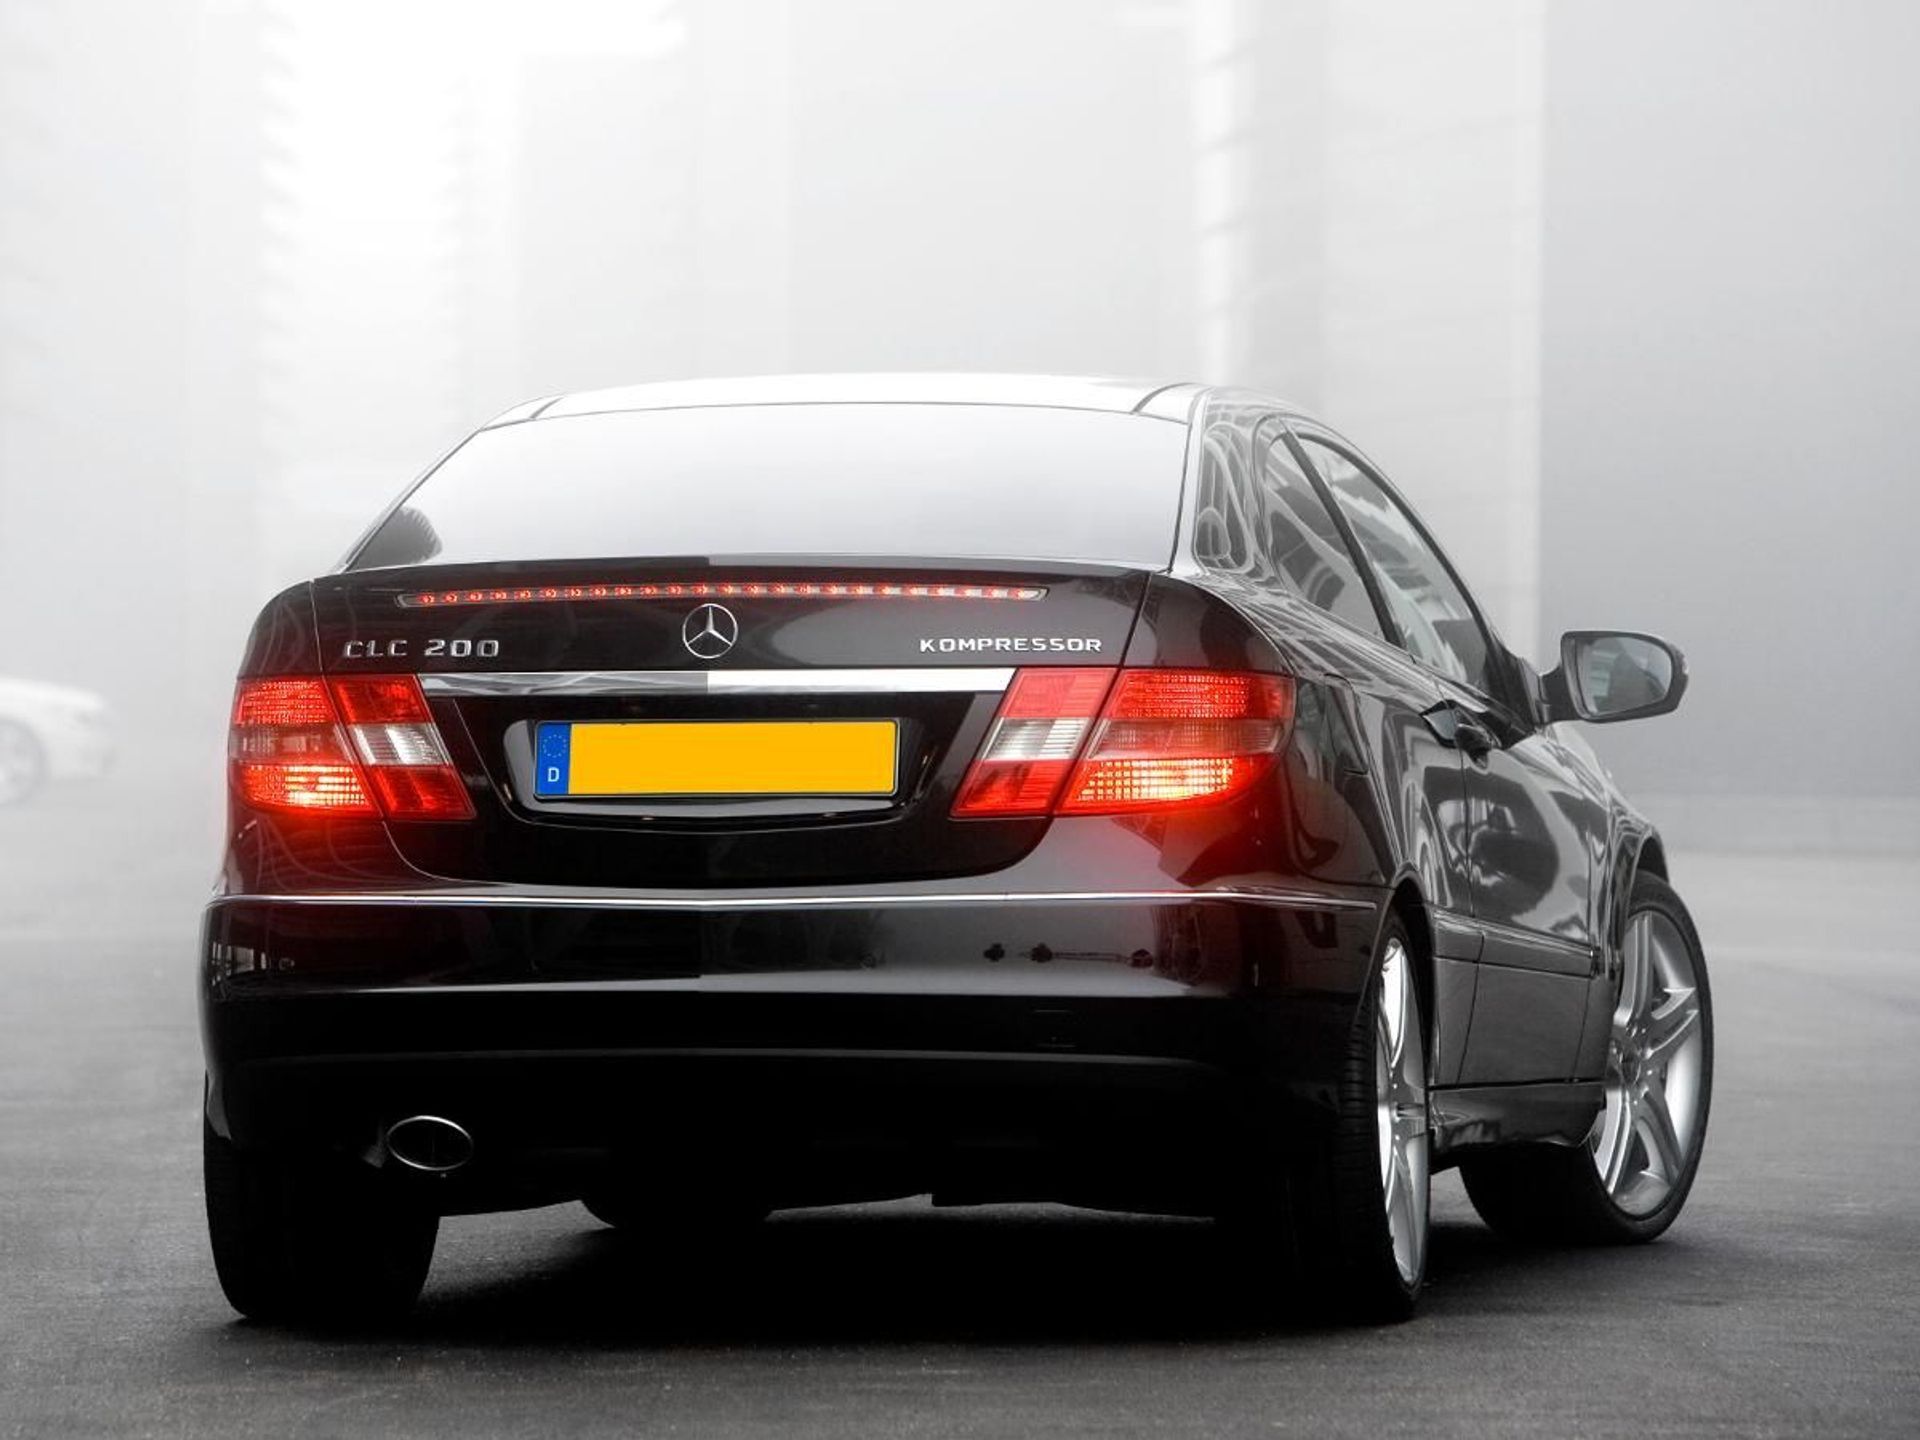 Mercedes-Benz CLC Class CLC220 CDI image